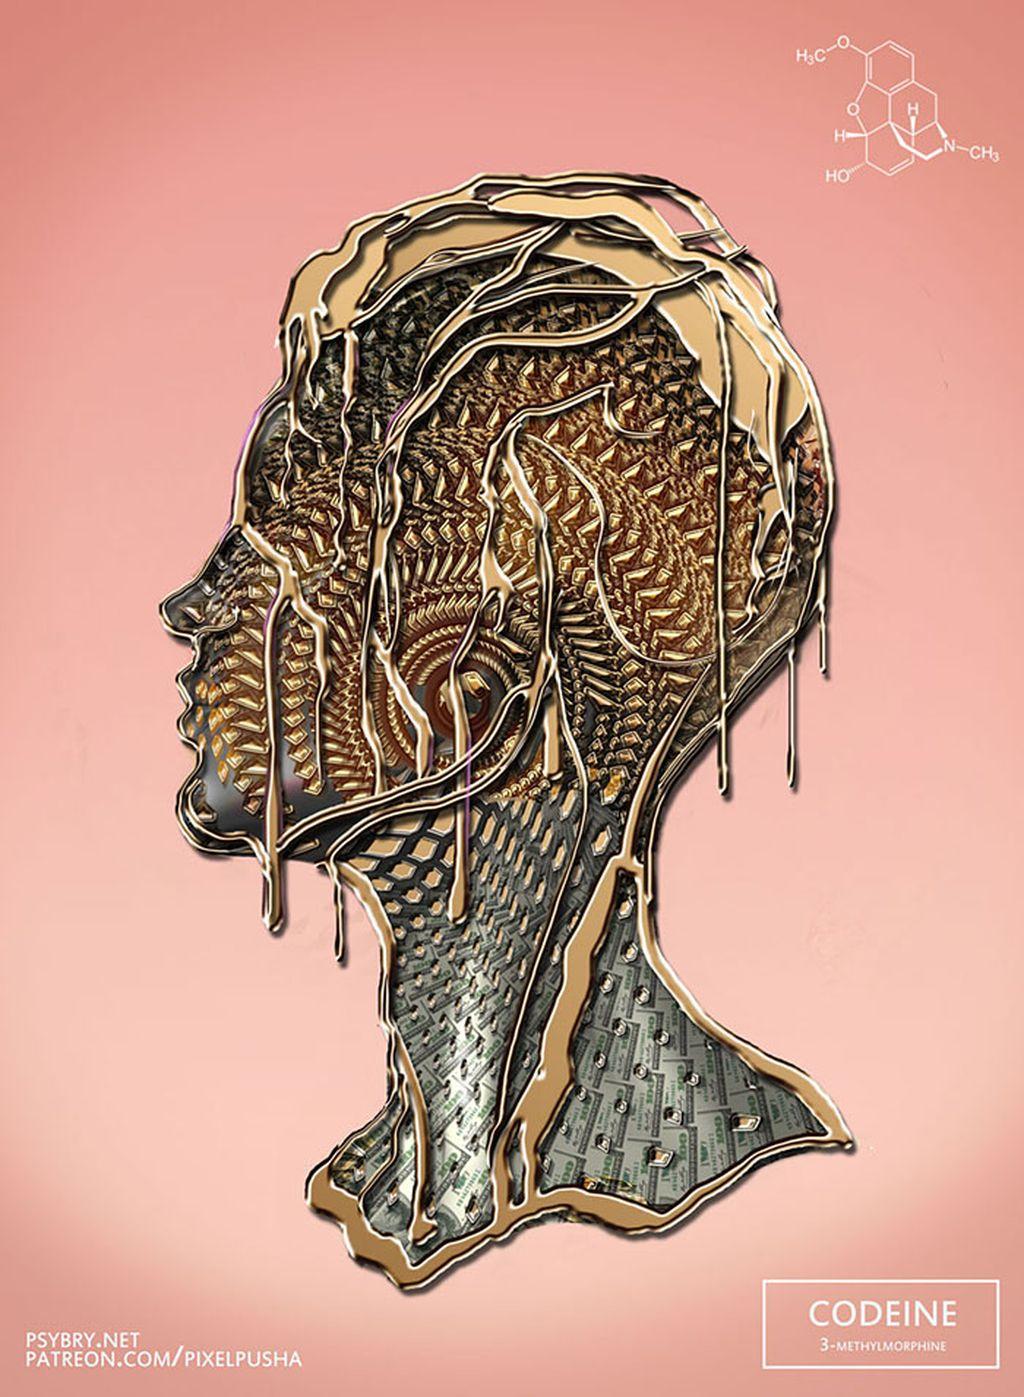 20 Bilder unter Drogeneinfluss kreiert - Brian Pollett | Design/Kunst | Was is hier eigentlich los?